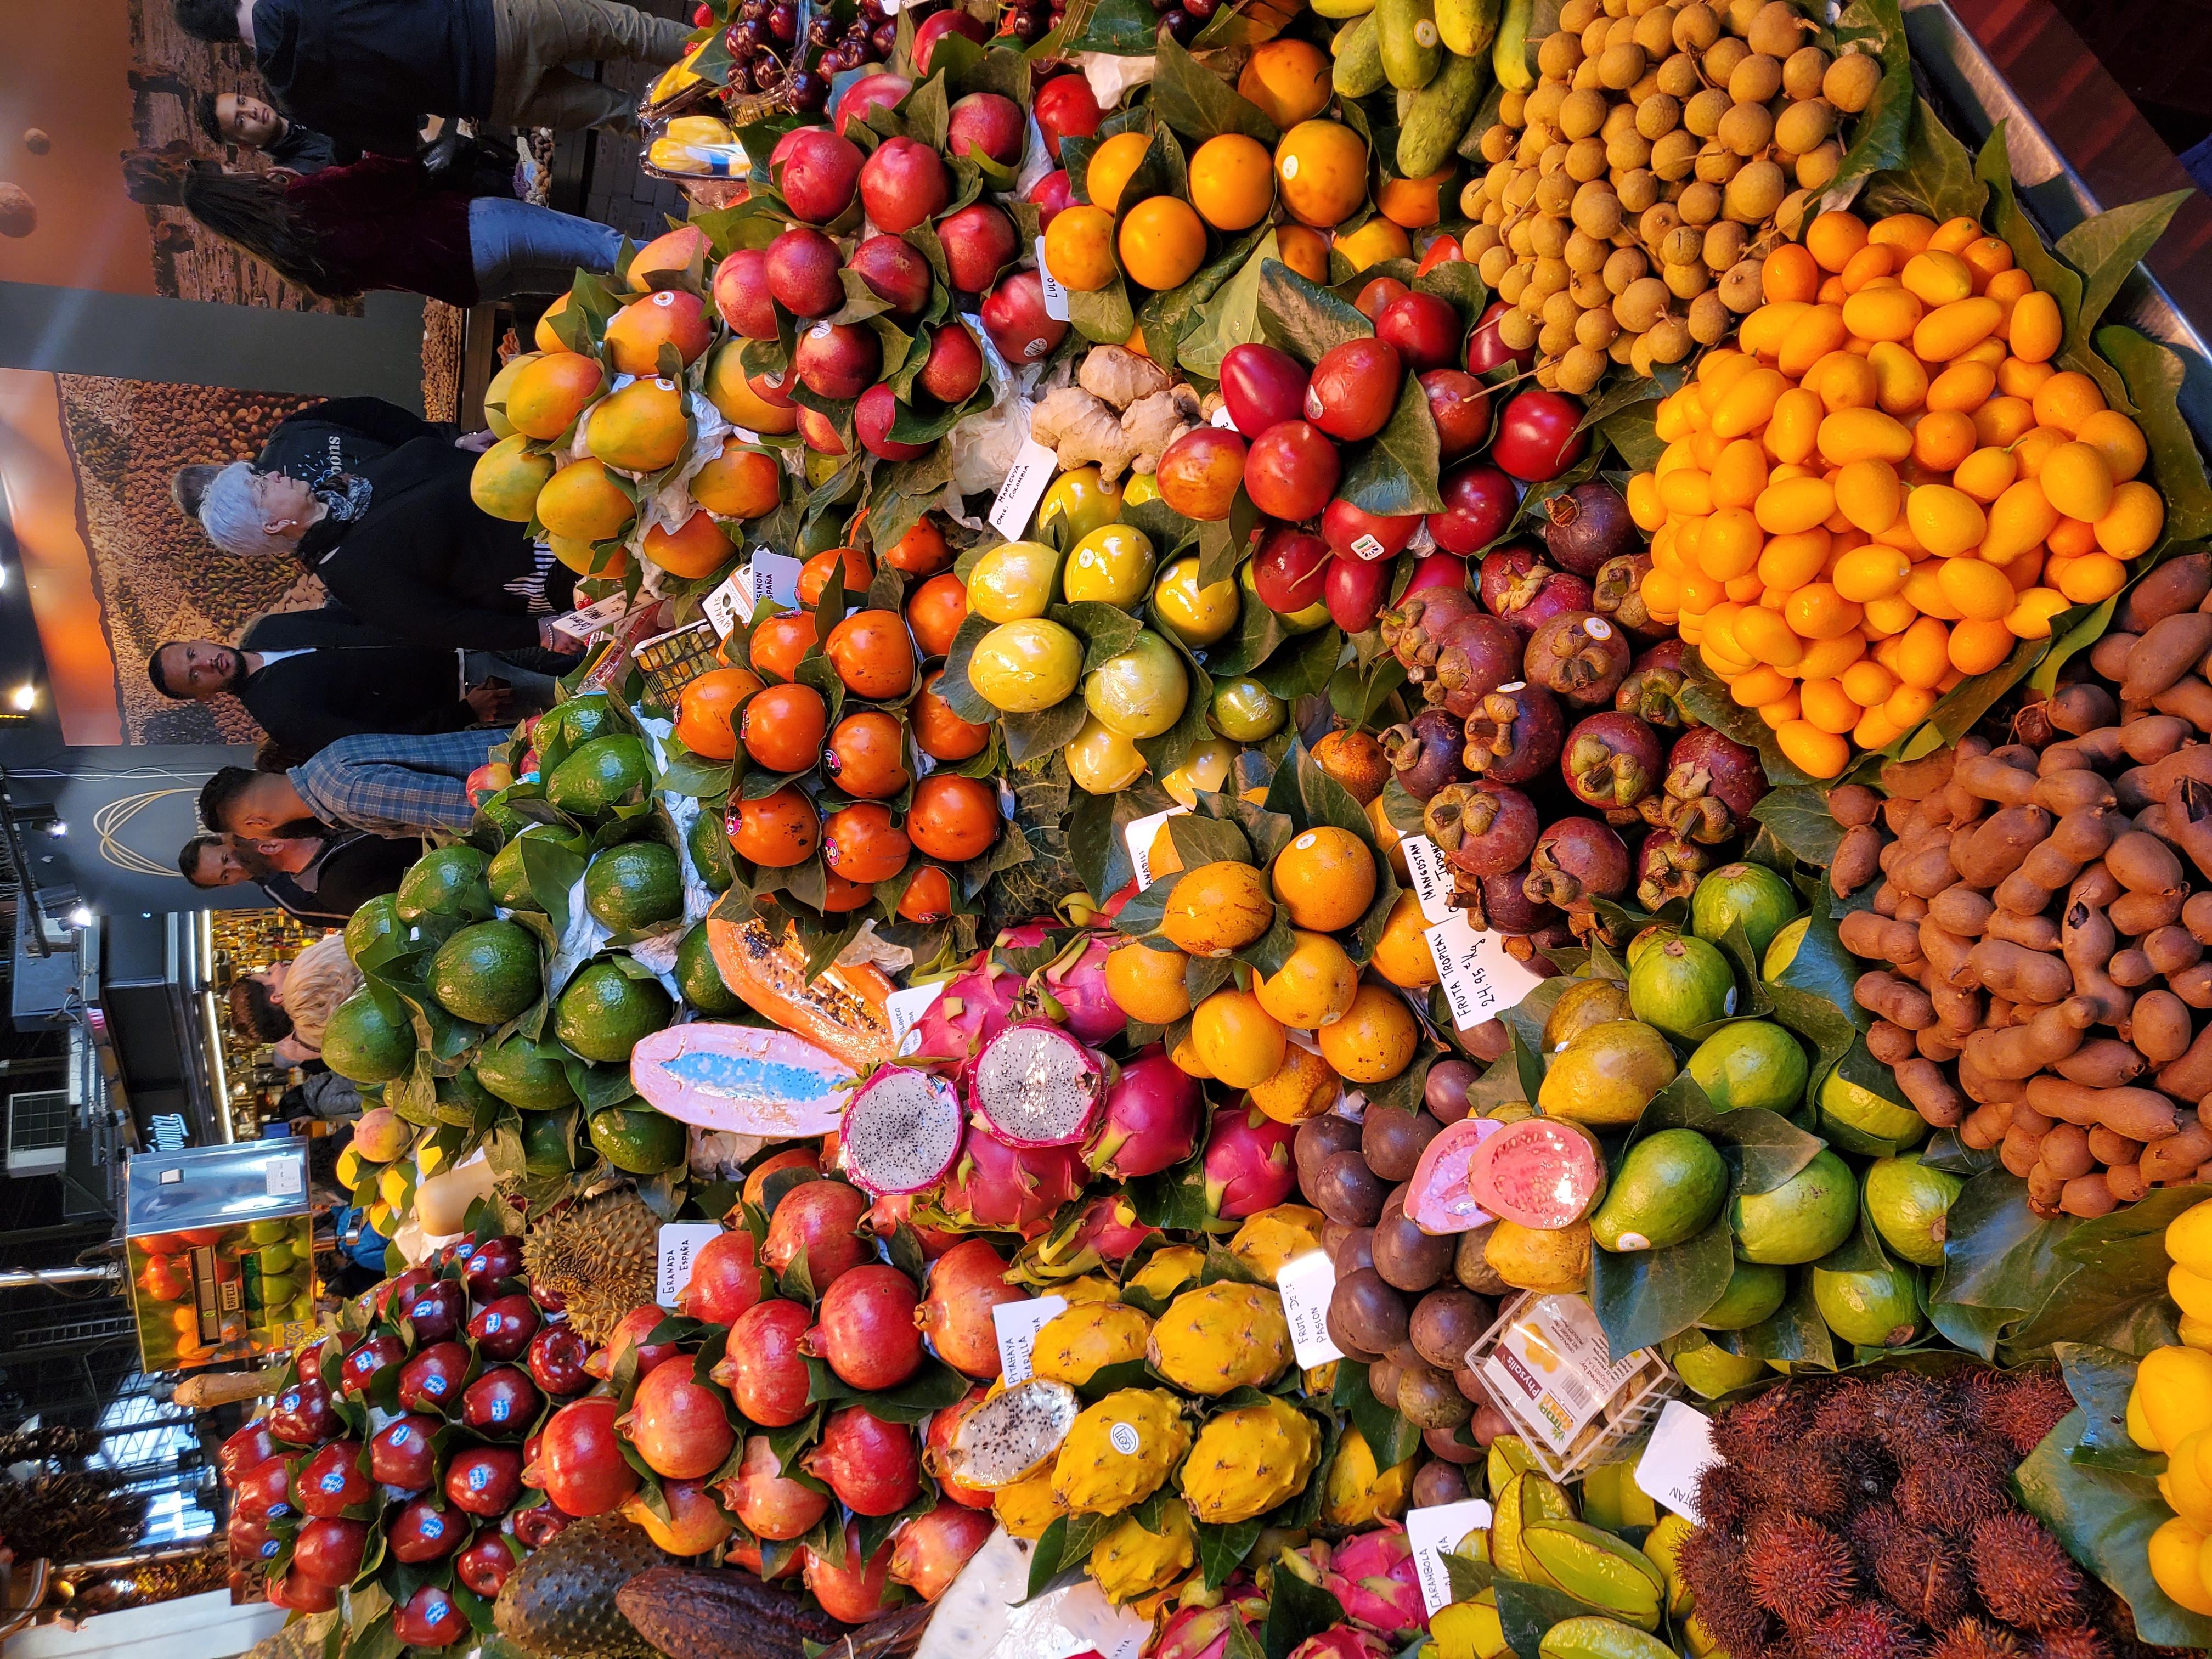 広角カメラで撮影。赤系を中心に多彩な色の果物などが並ぶが、これも自然な仕上がり